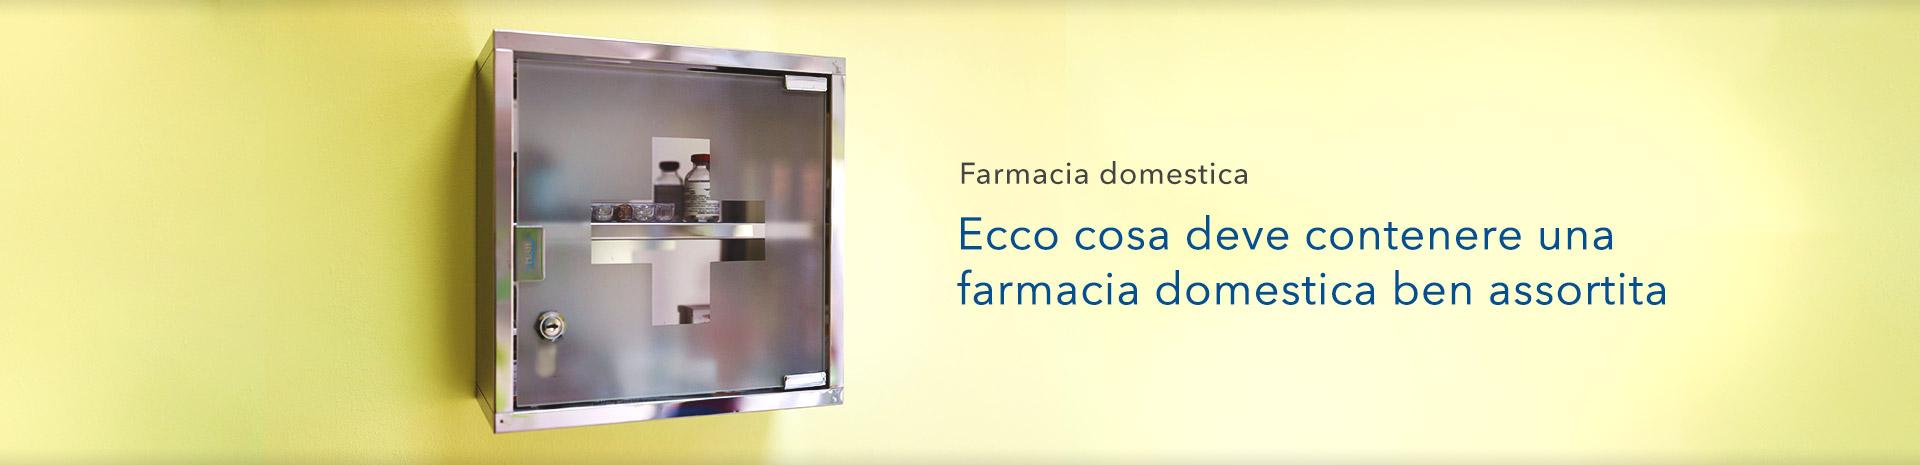 Farmacia domestica - GUIDA - SHOP FARMACIA